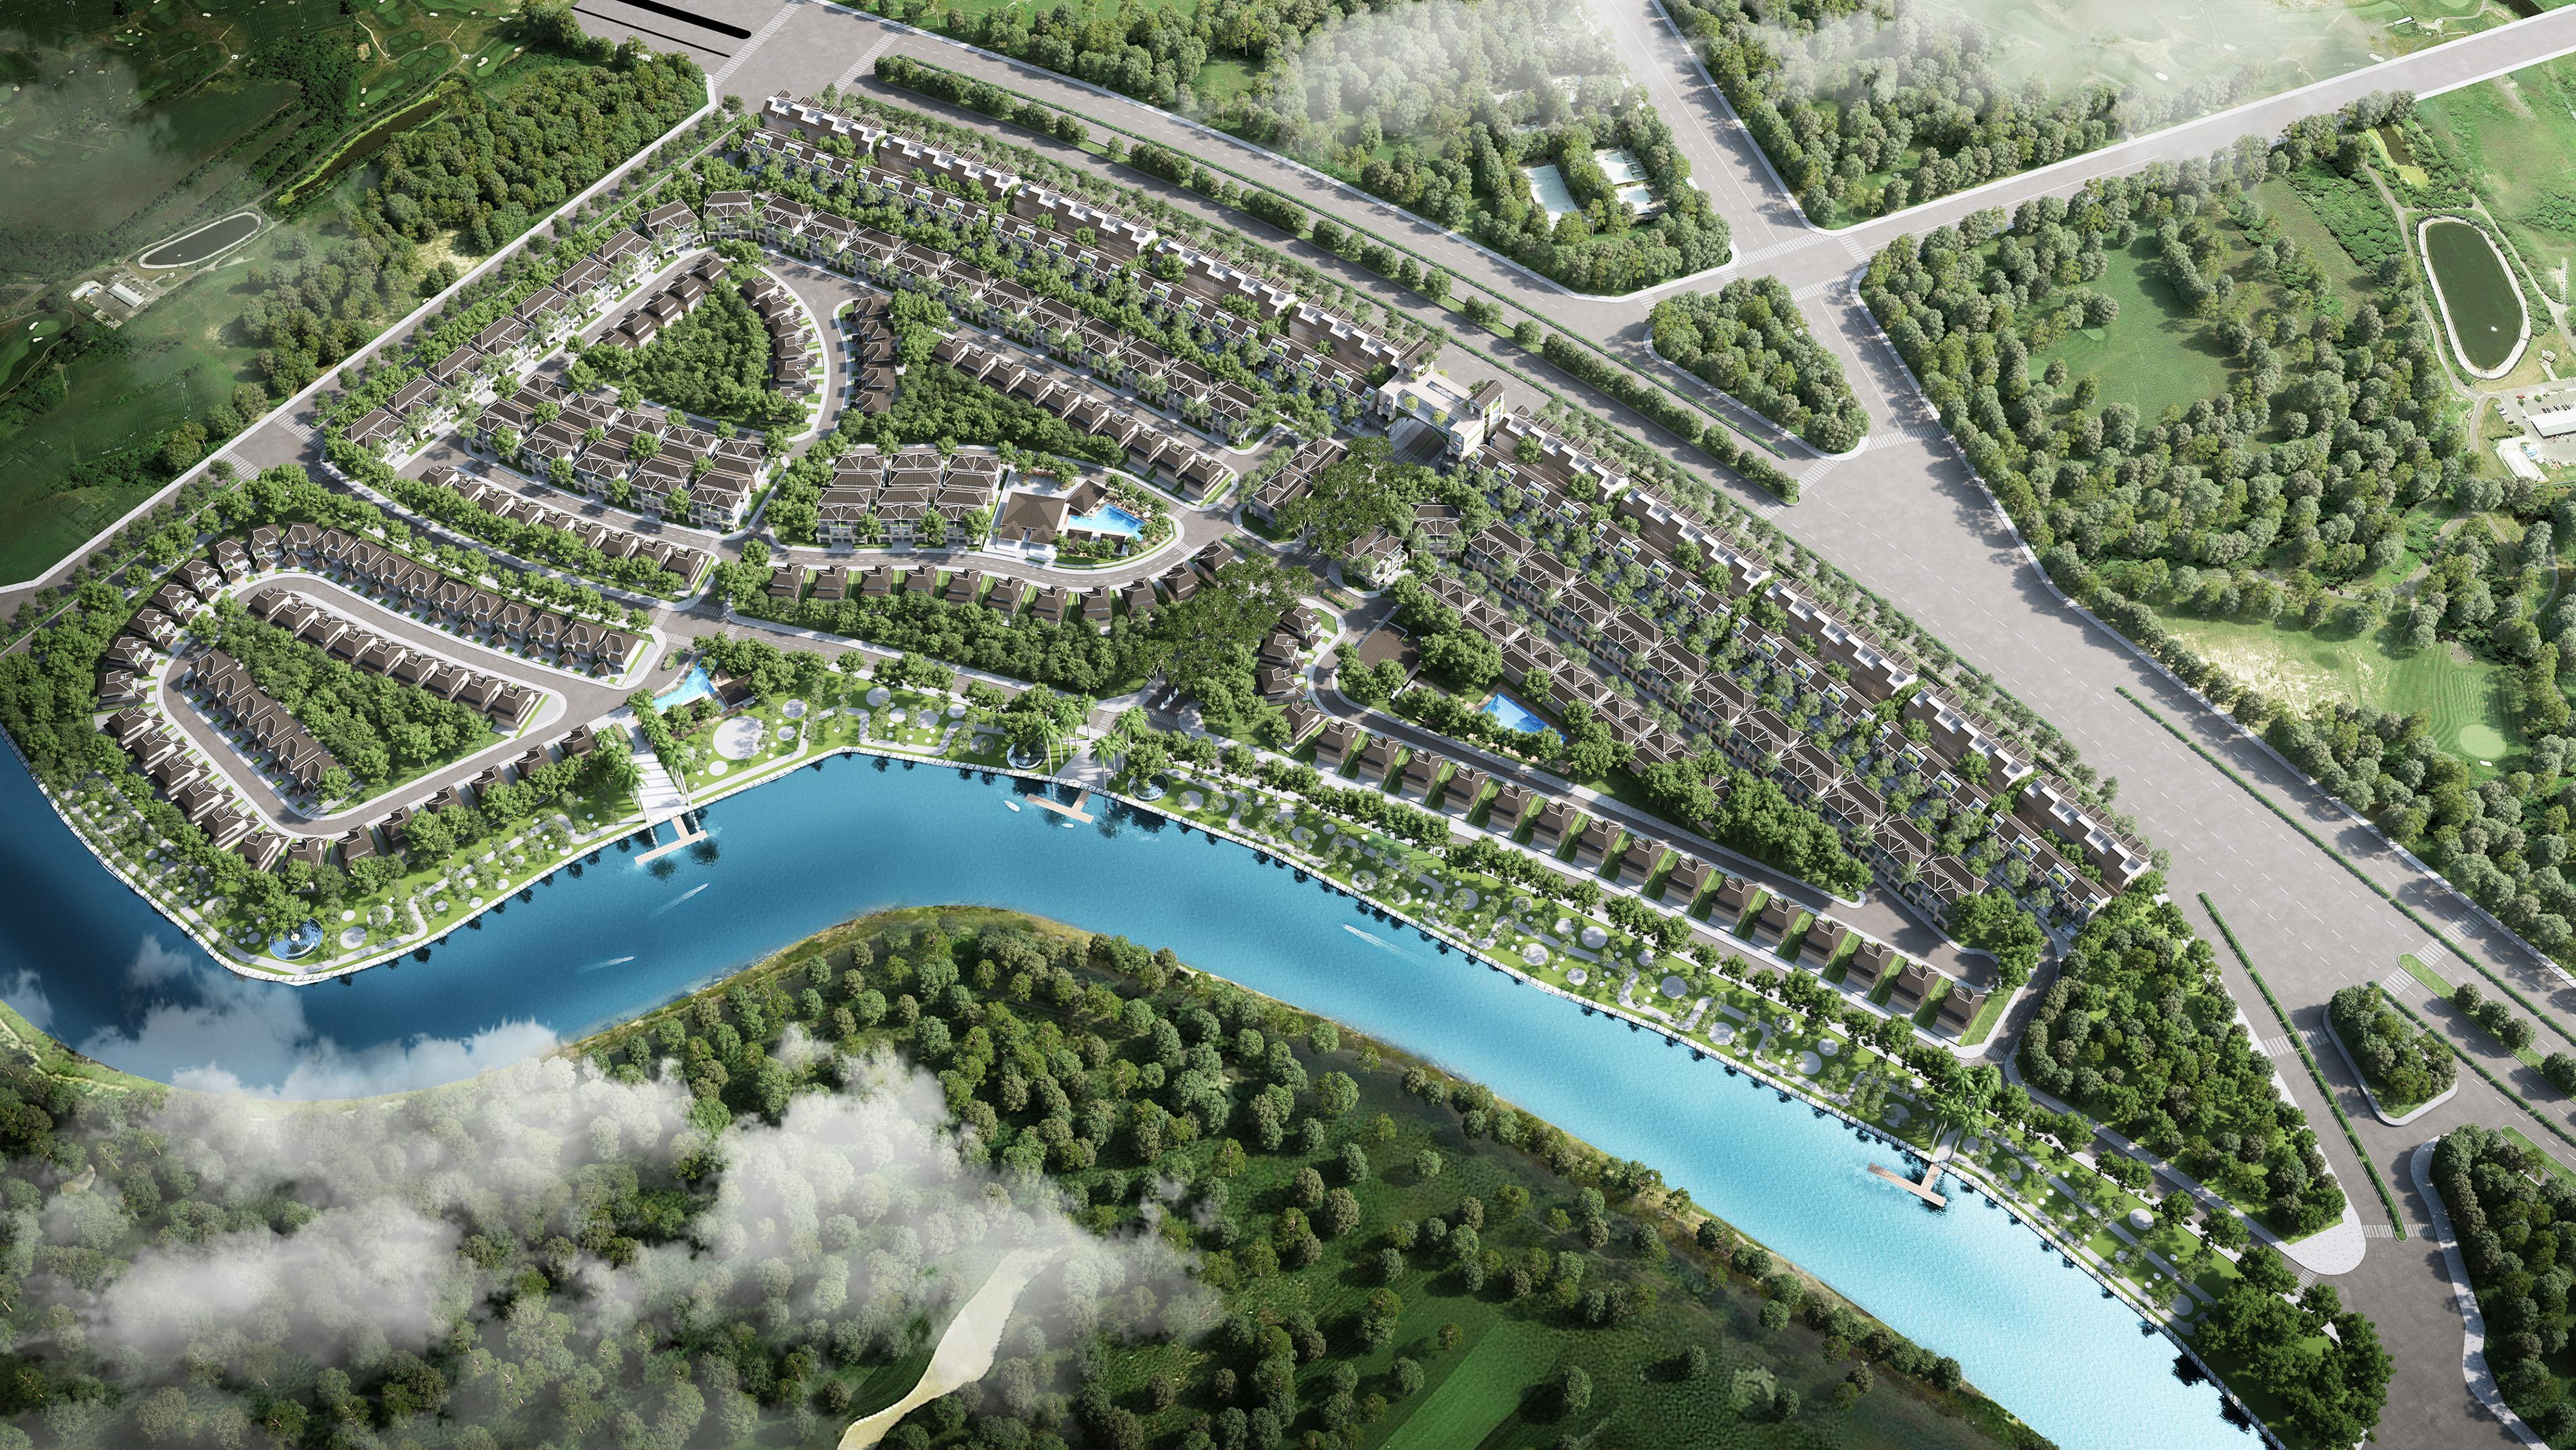 Mảng xanh và các vật liệu thân thiện với môi trường luôn được ưu tiên đưa vào xây dựng zeit RIVER COUNTY 1